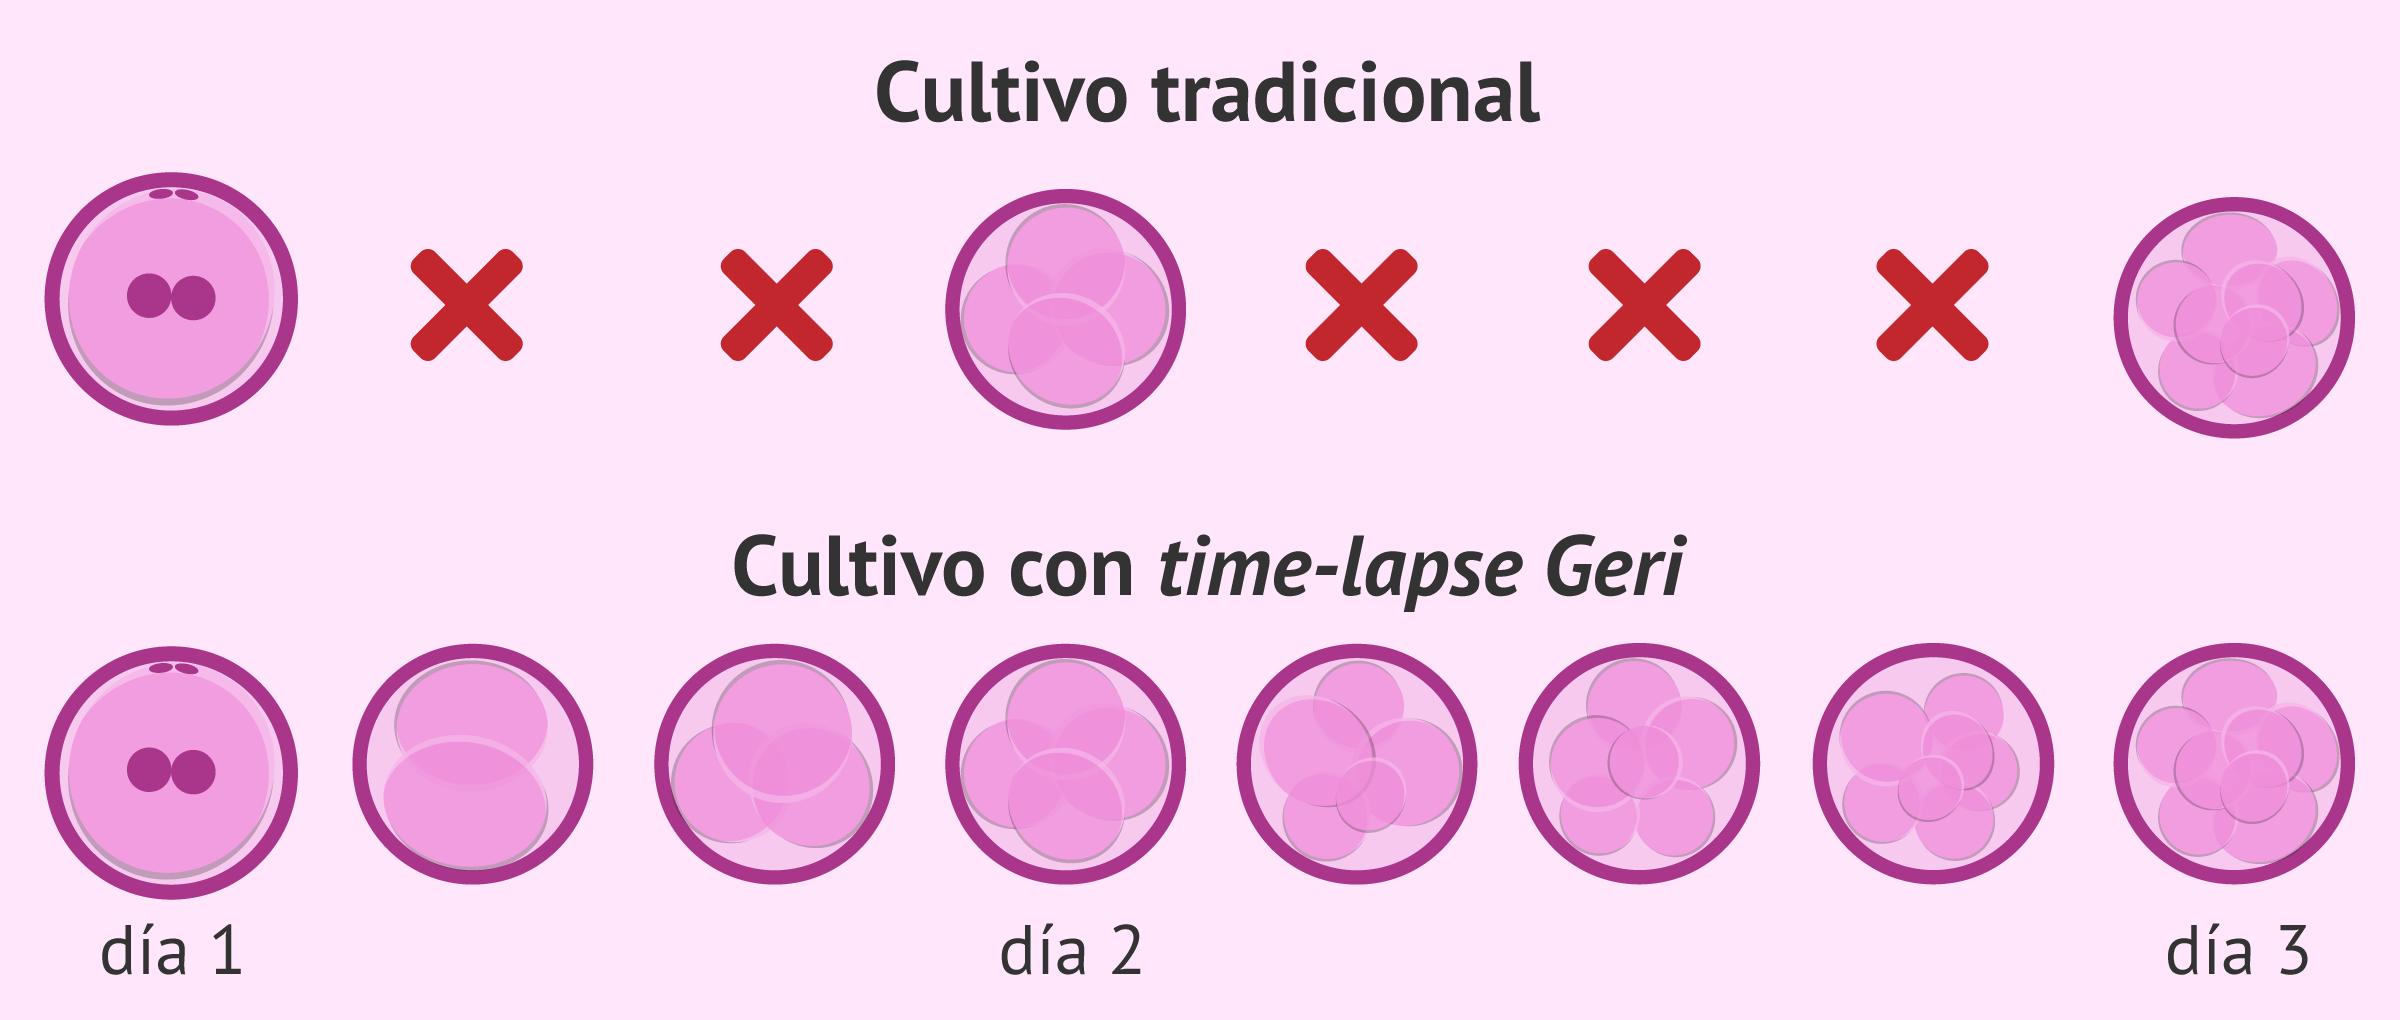 comparación del cultivo embrionario tradicional y con sistema Time-Lapse Geri